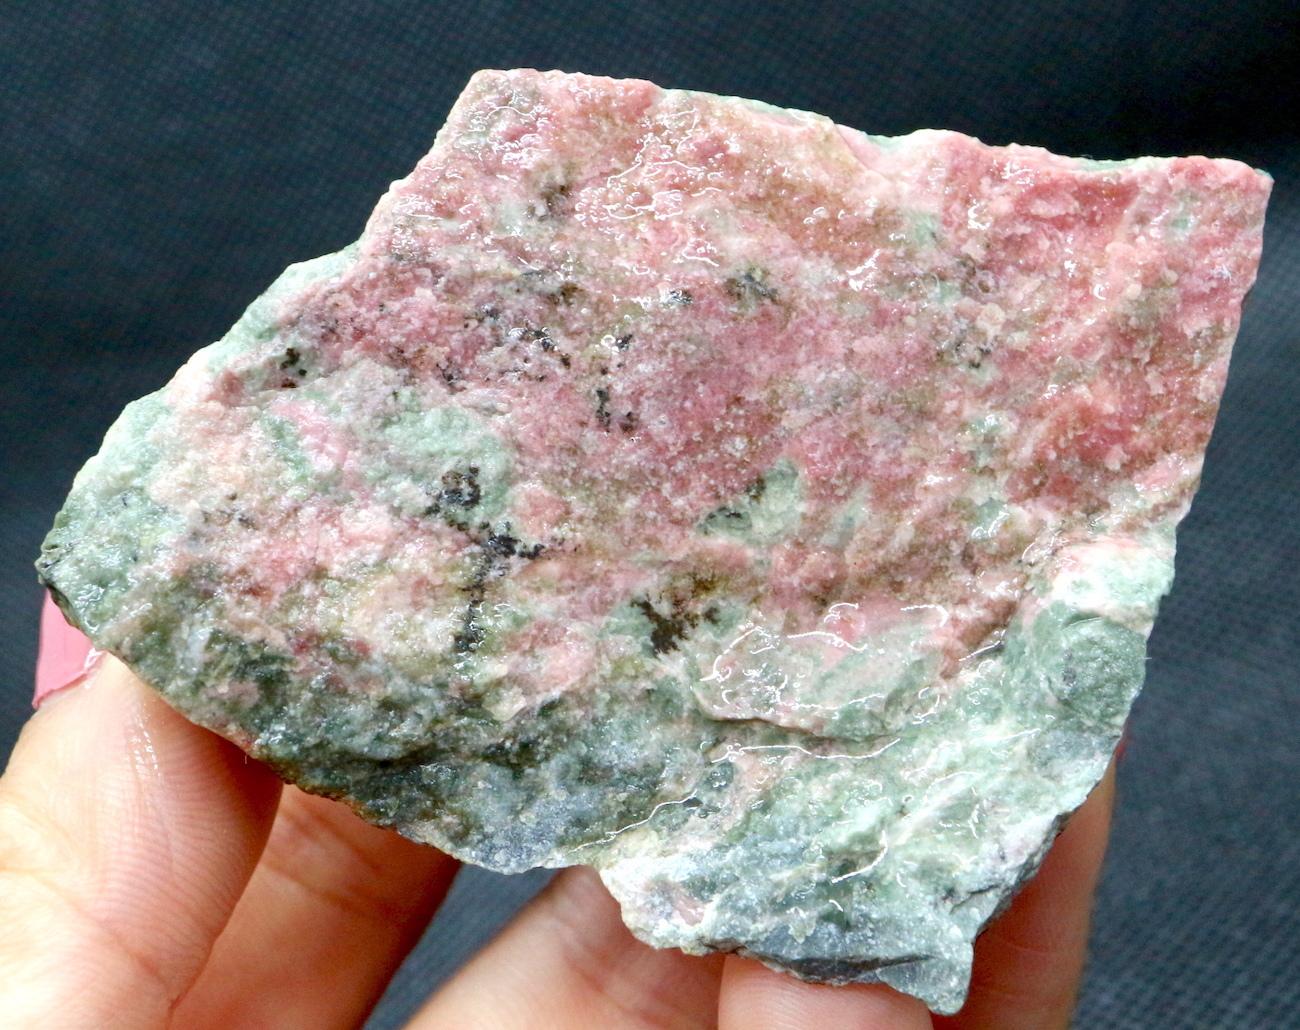 桃簾石 チューライト 110g TLT001  鉱物 天然石 パワーストーン 原石